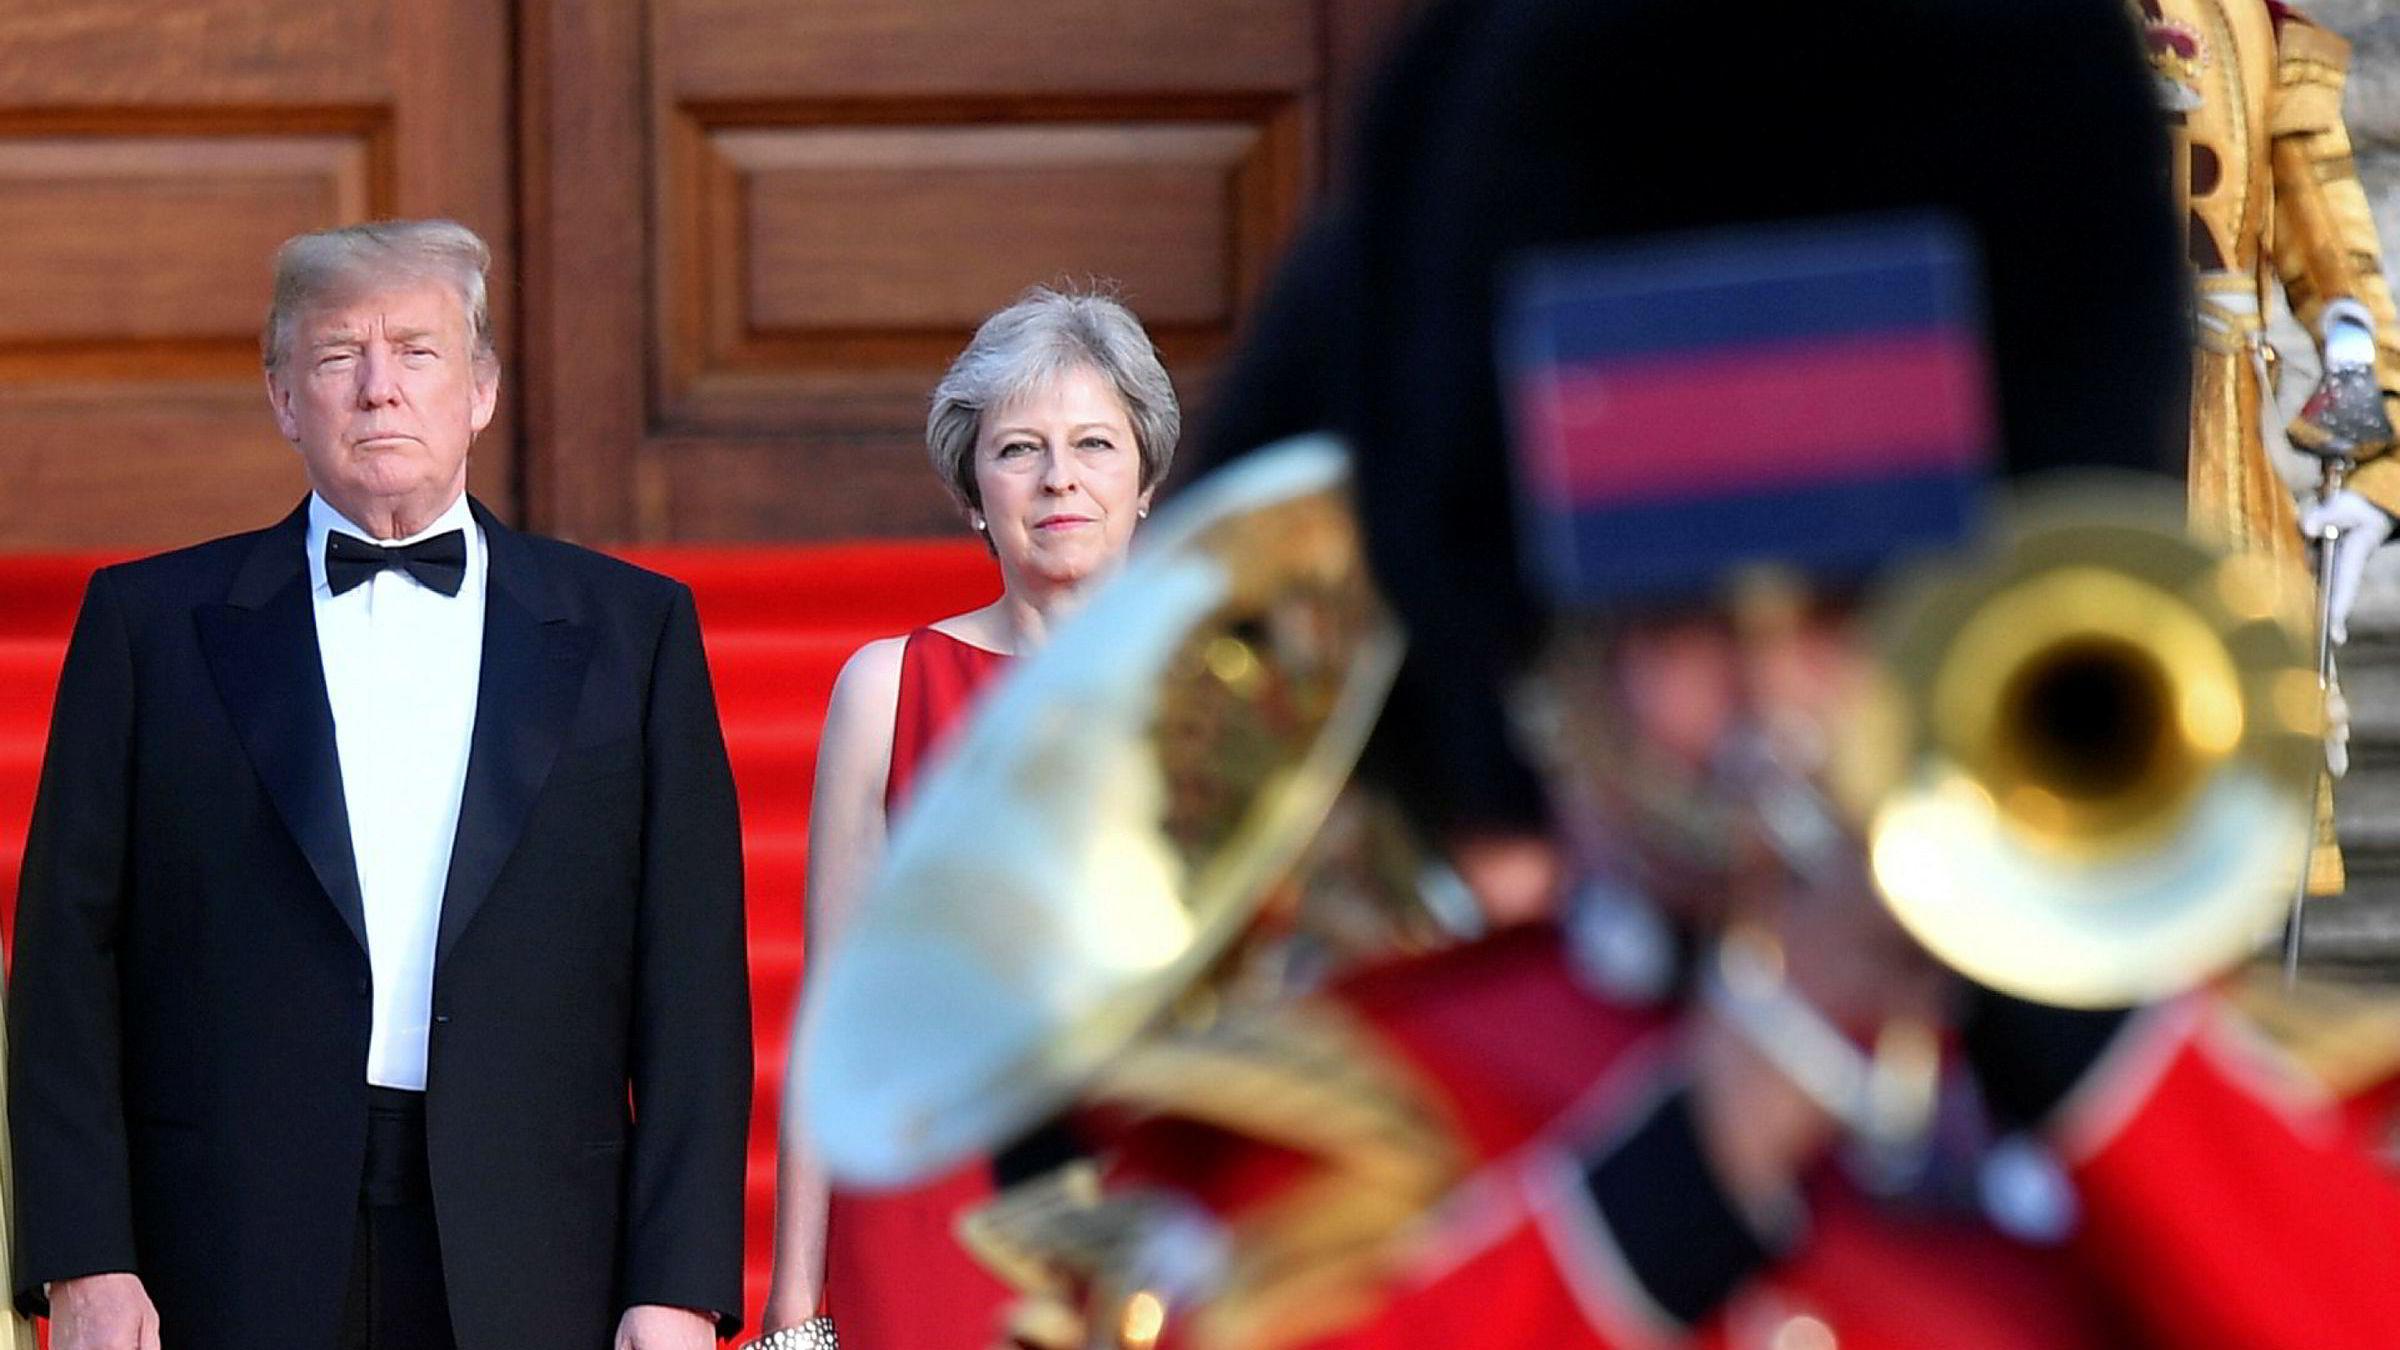 USAs president Donald Trump og Storbritannias statsminister Theresa May har hendene fulle på hver sin kant. Sammen utgjør de store farer for fremtidig økonomisk vekst, ifølge nye analyser fra Pimco.